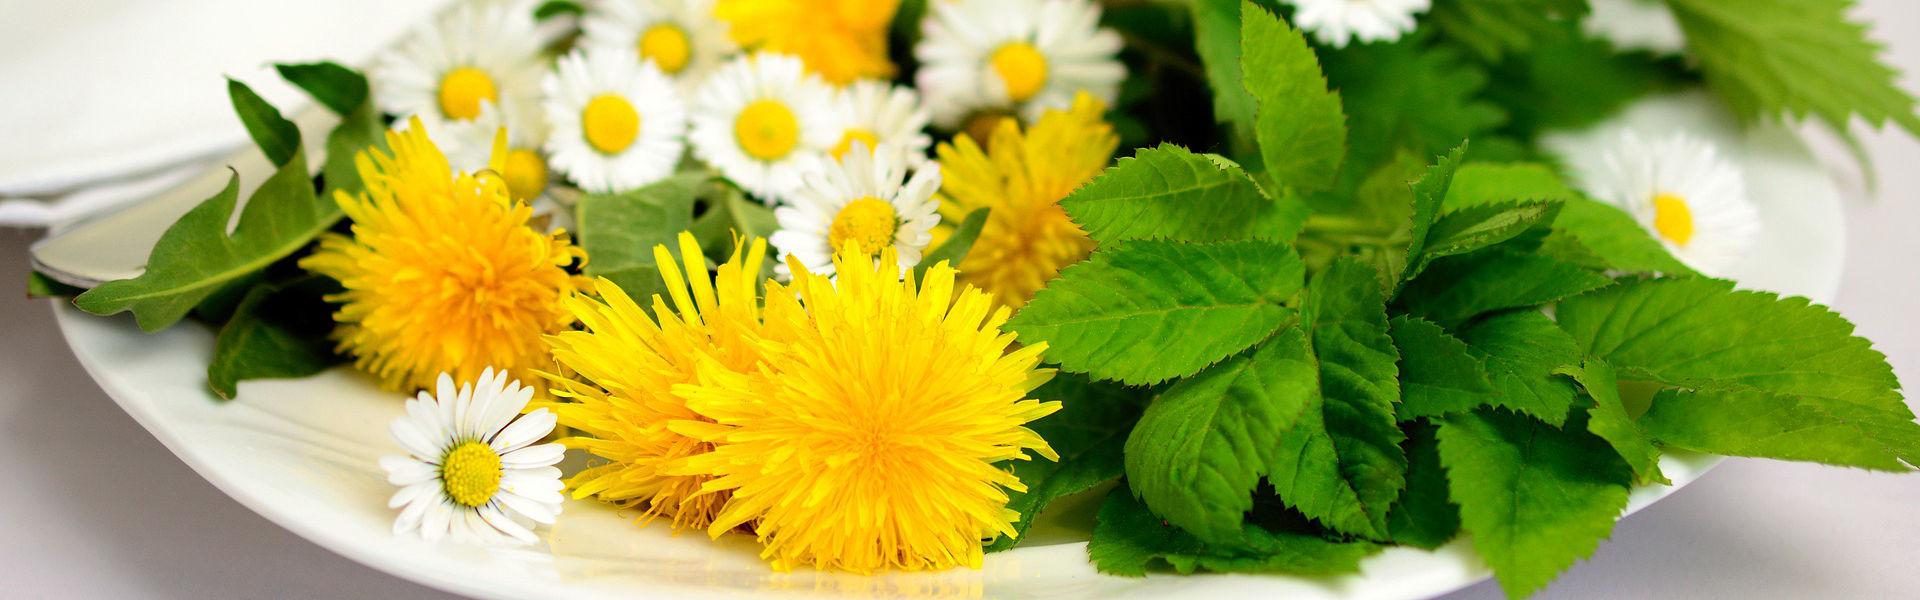 Wiesenblumen auf Teller